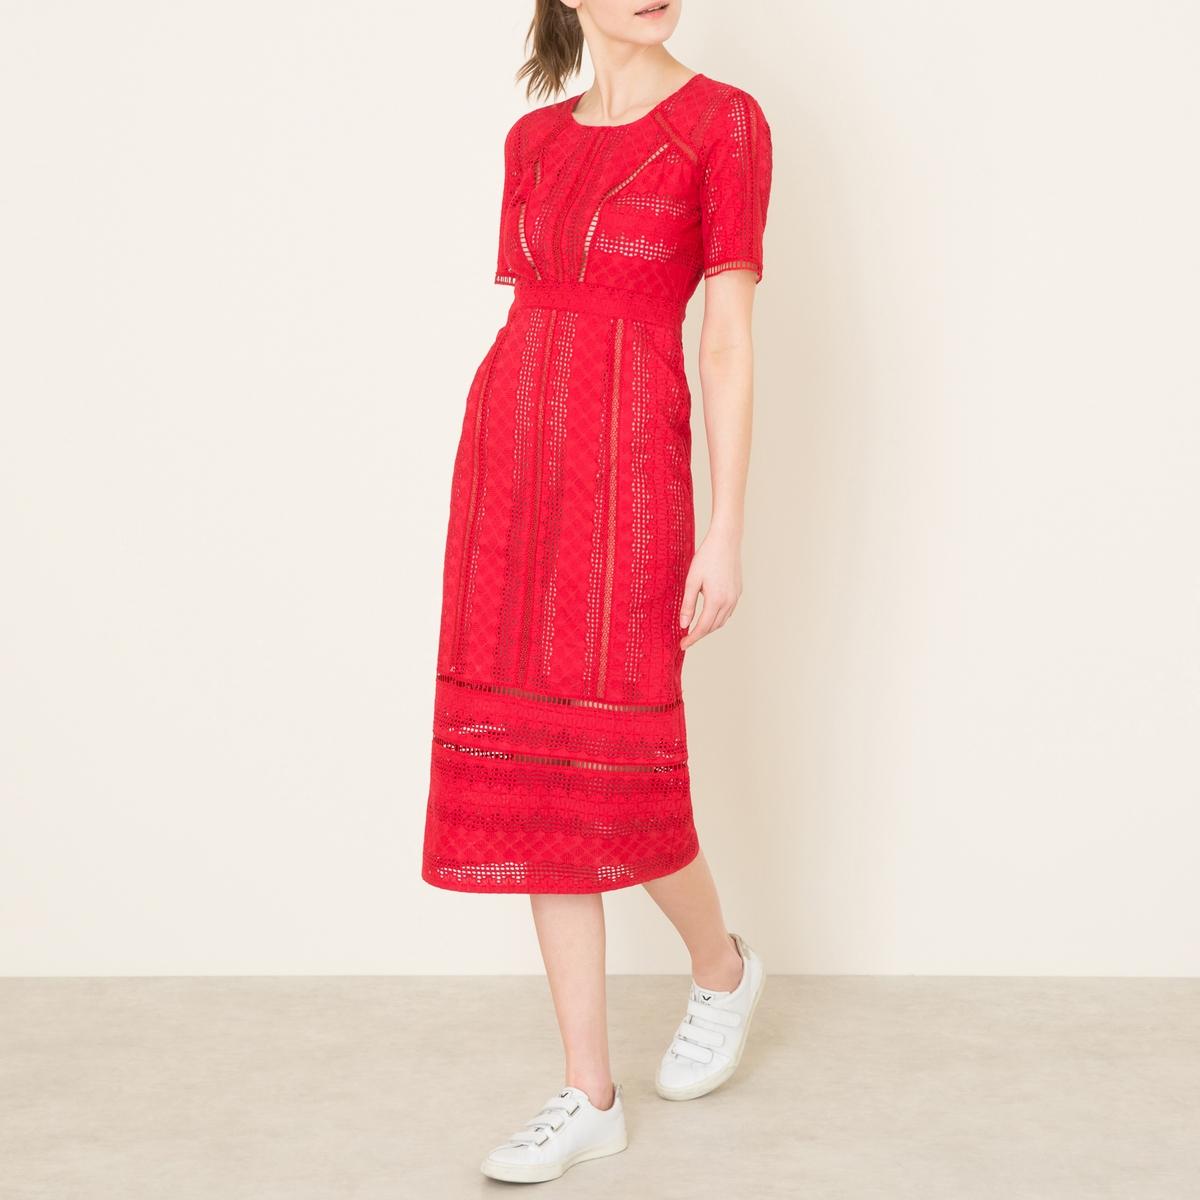 Платье GARETHСостав и описание:    Материал : 100% хлопок    Подкладка из 100% вискозы   Длина ок.118 см. (для размера 36)   Марка : BA&amp;SH<br><br>Цвет: красный<br>Размер: L.M